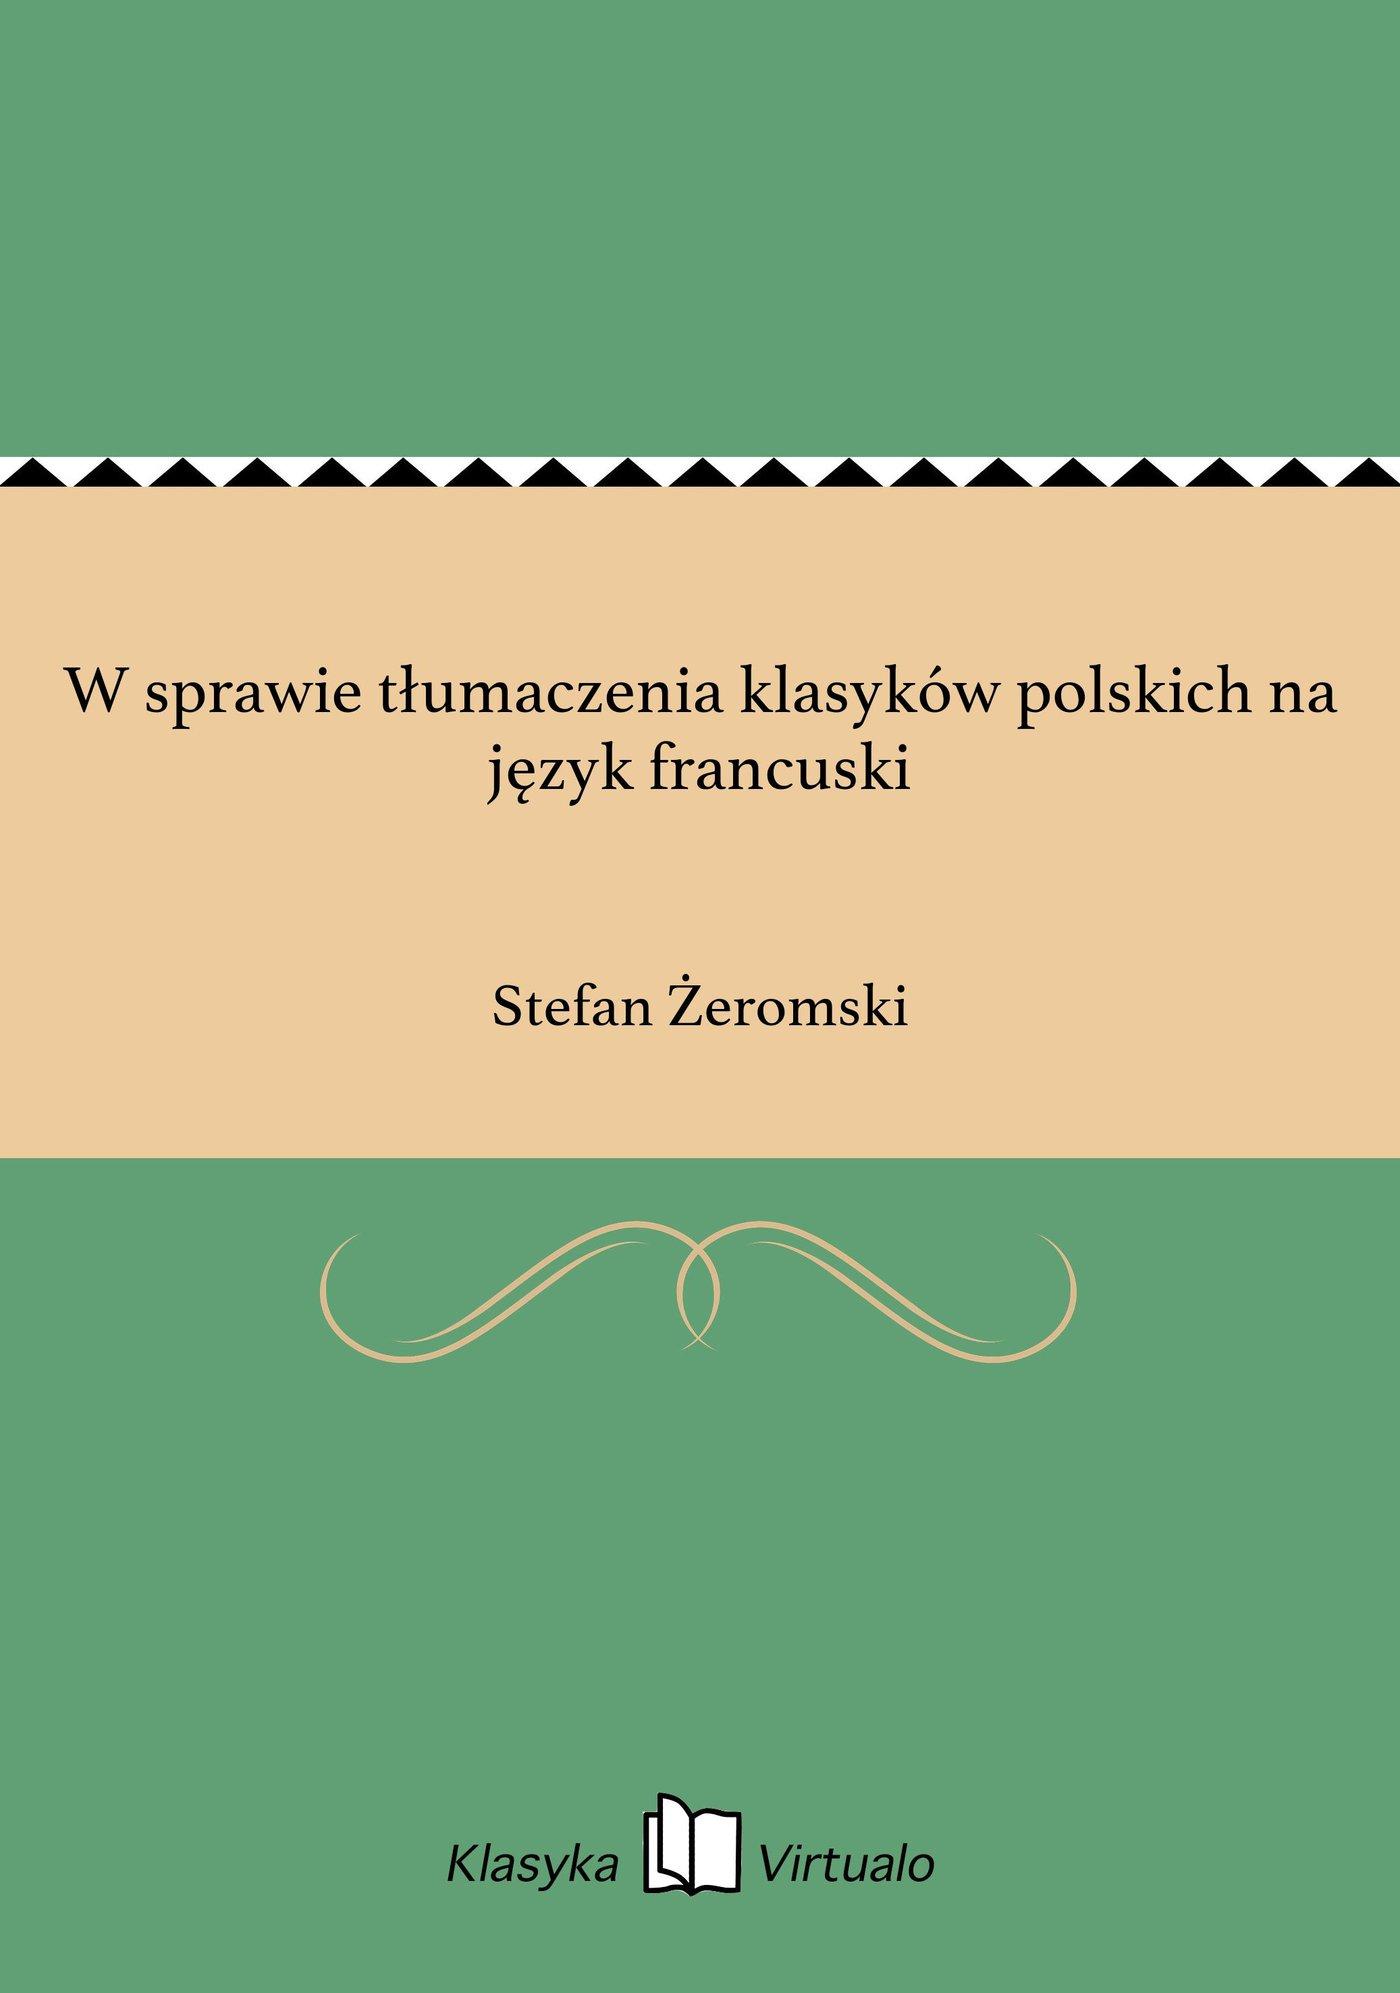 W sprawie tłumaczenia klasyków polskich na język francuski - Ebook (Książka na Kindle) do pobrania w formacie MOBI